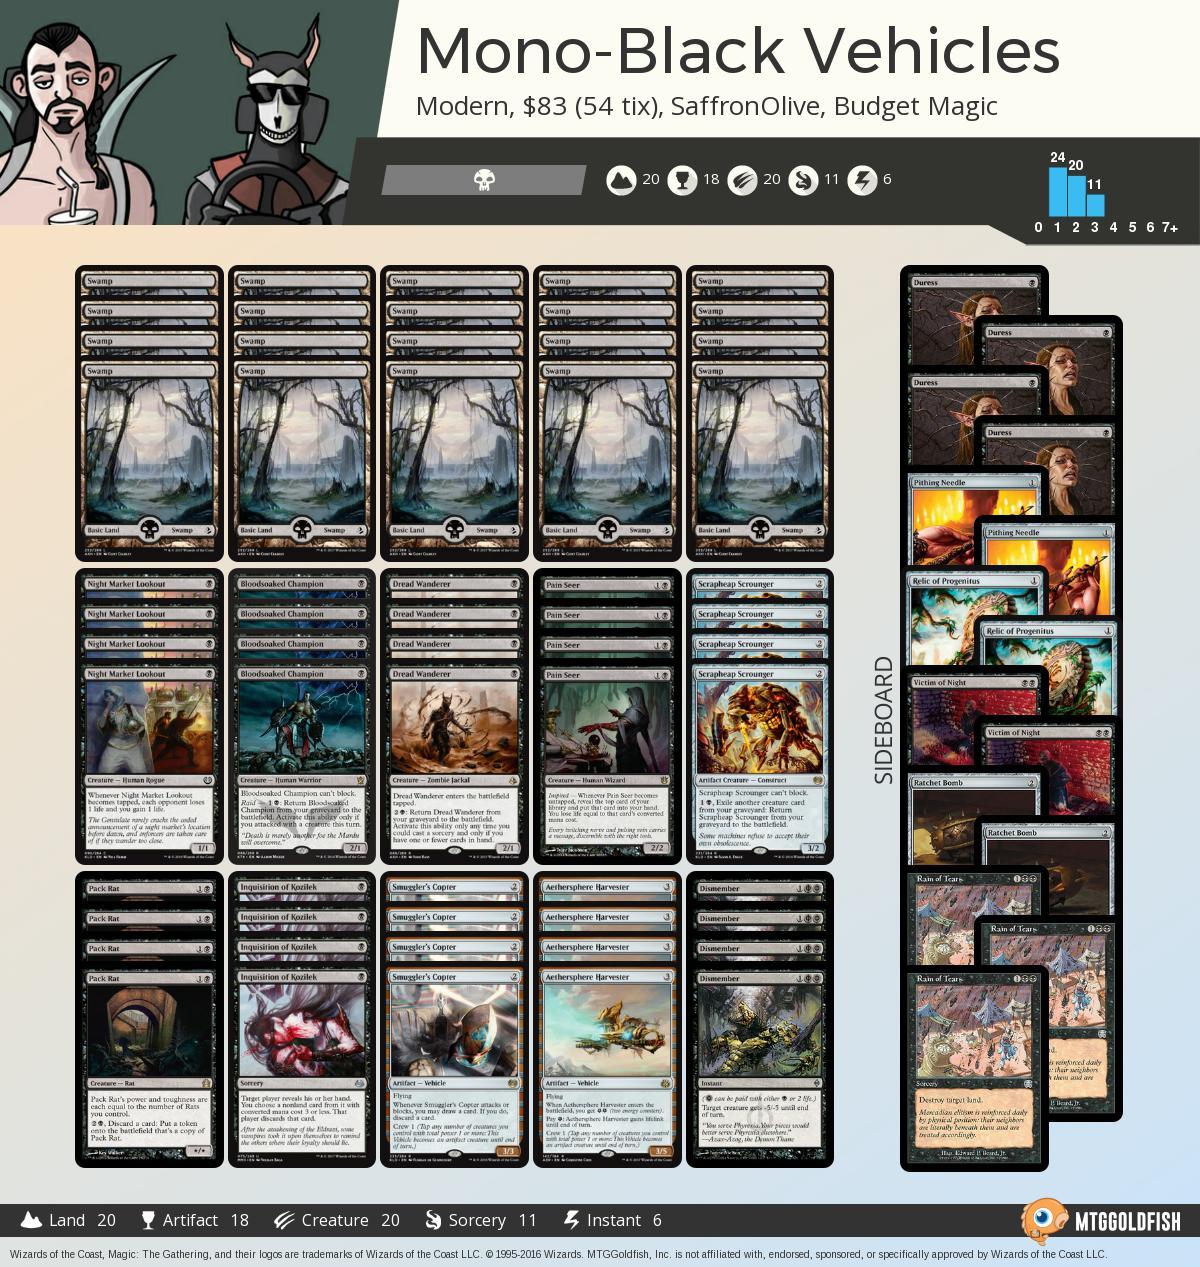 Mono black%2bvehicles d28fb2f0 cbda 4ac3 ad77 d35b2449de26%2ejpg